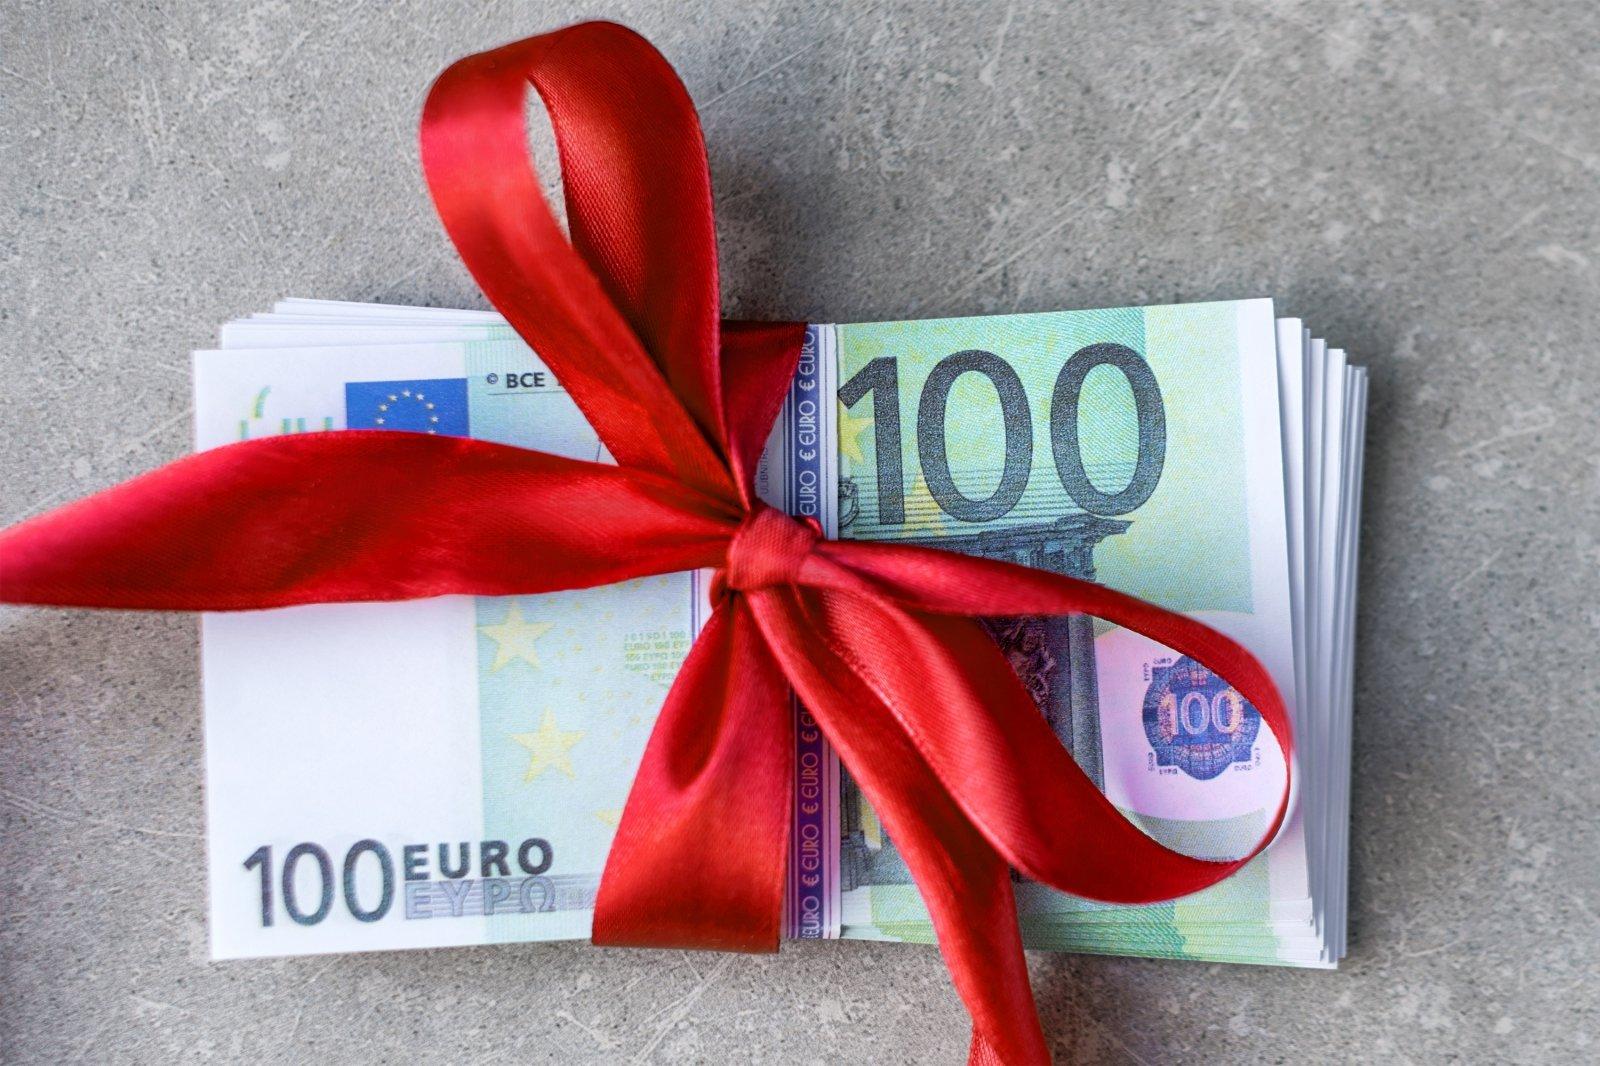 dirbti iš rimtų namų nenumatant pinigų)